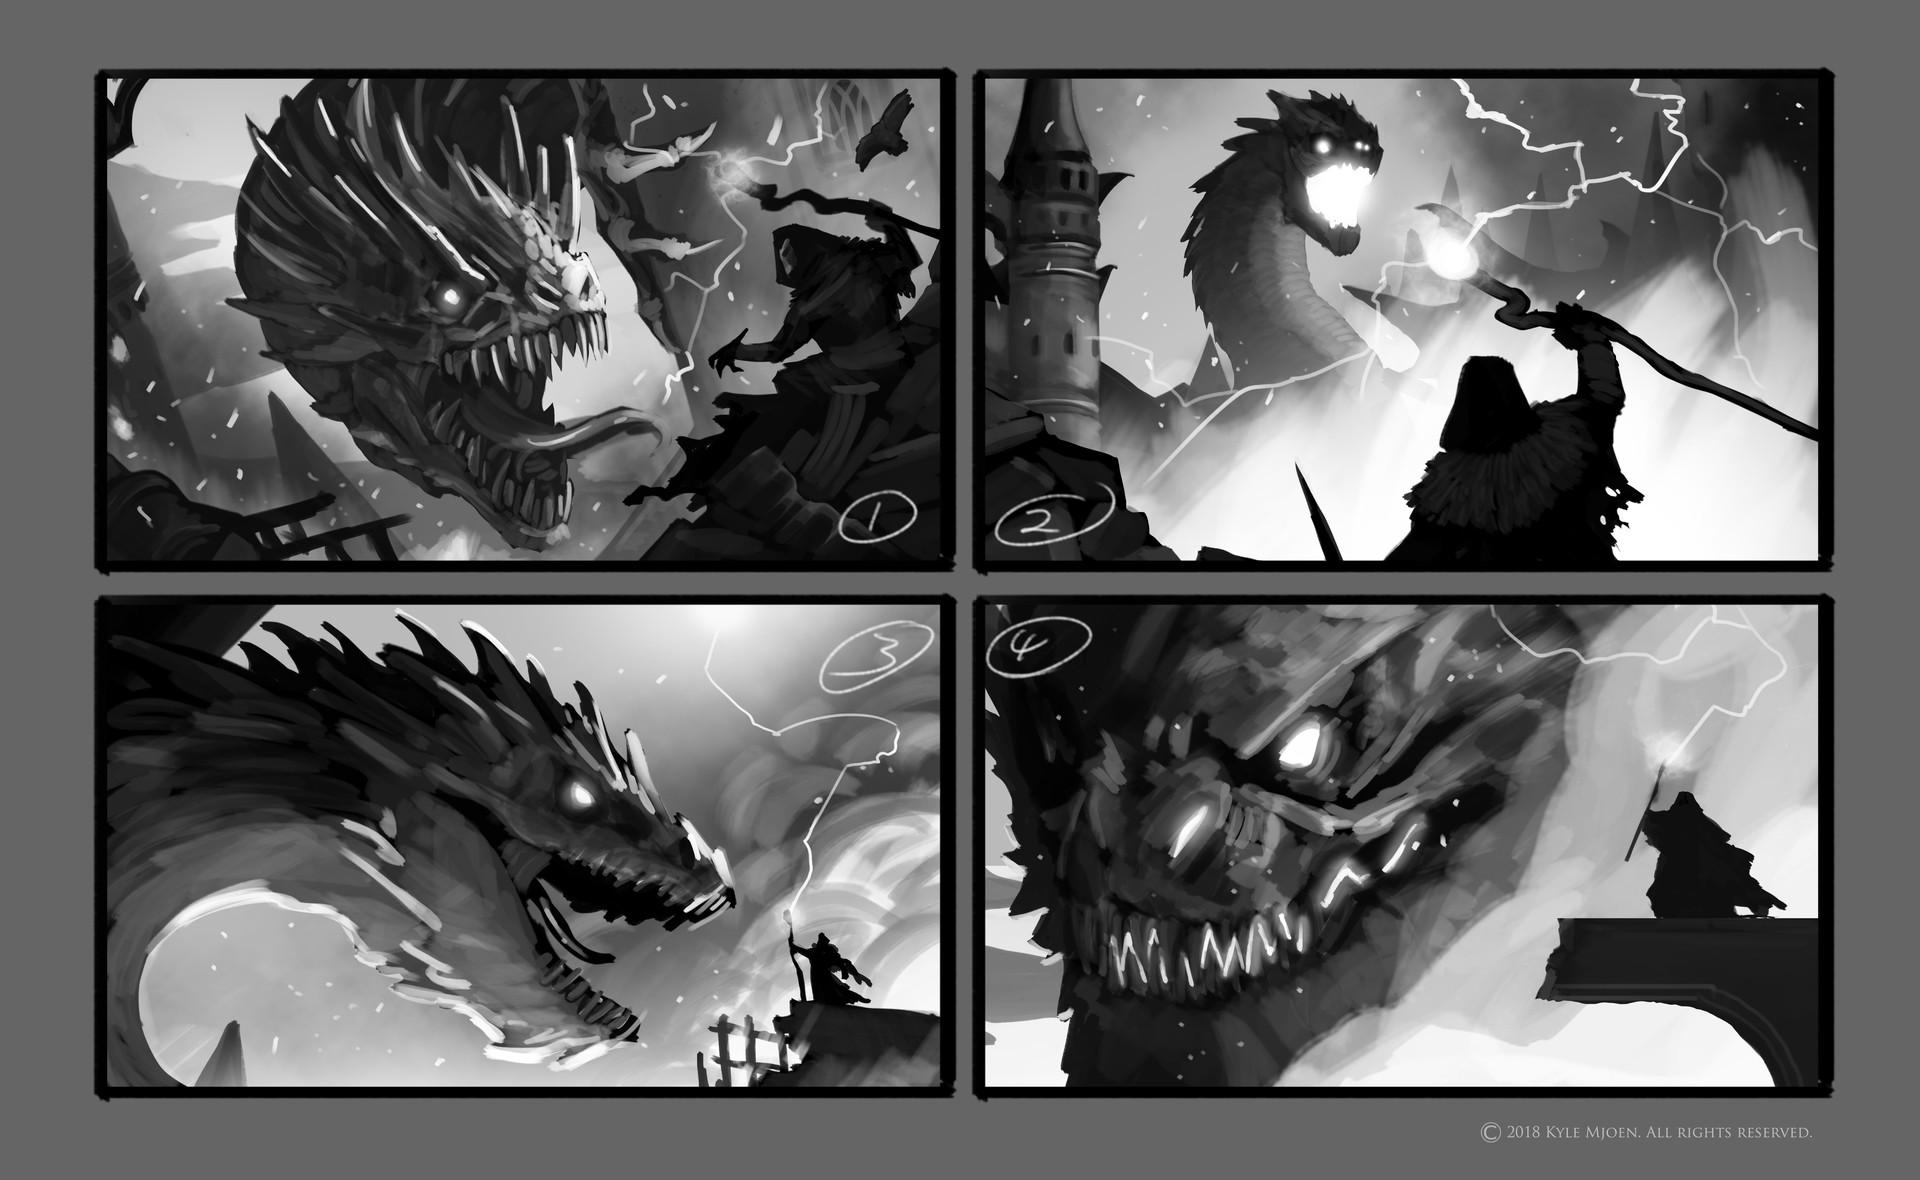 Kyle mjoen dragon thumbnails